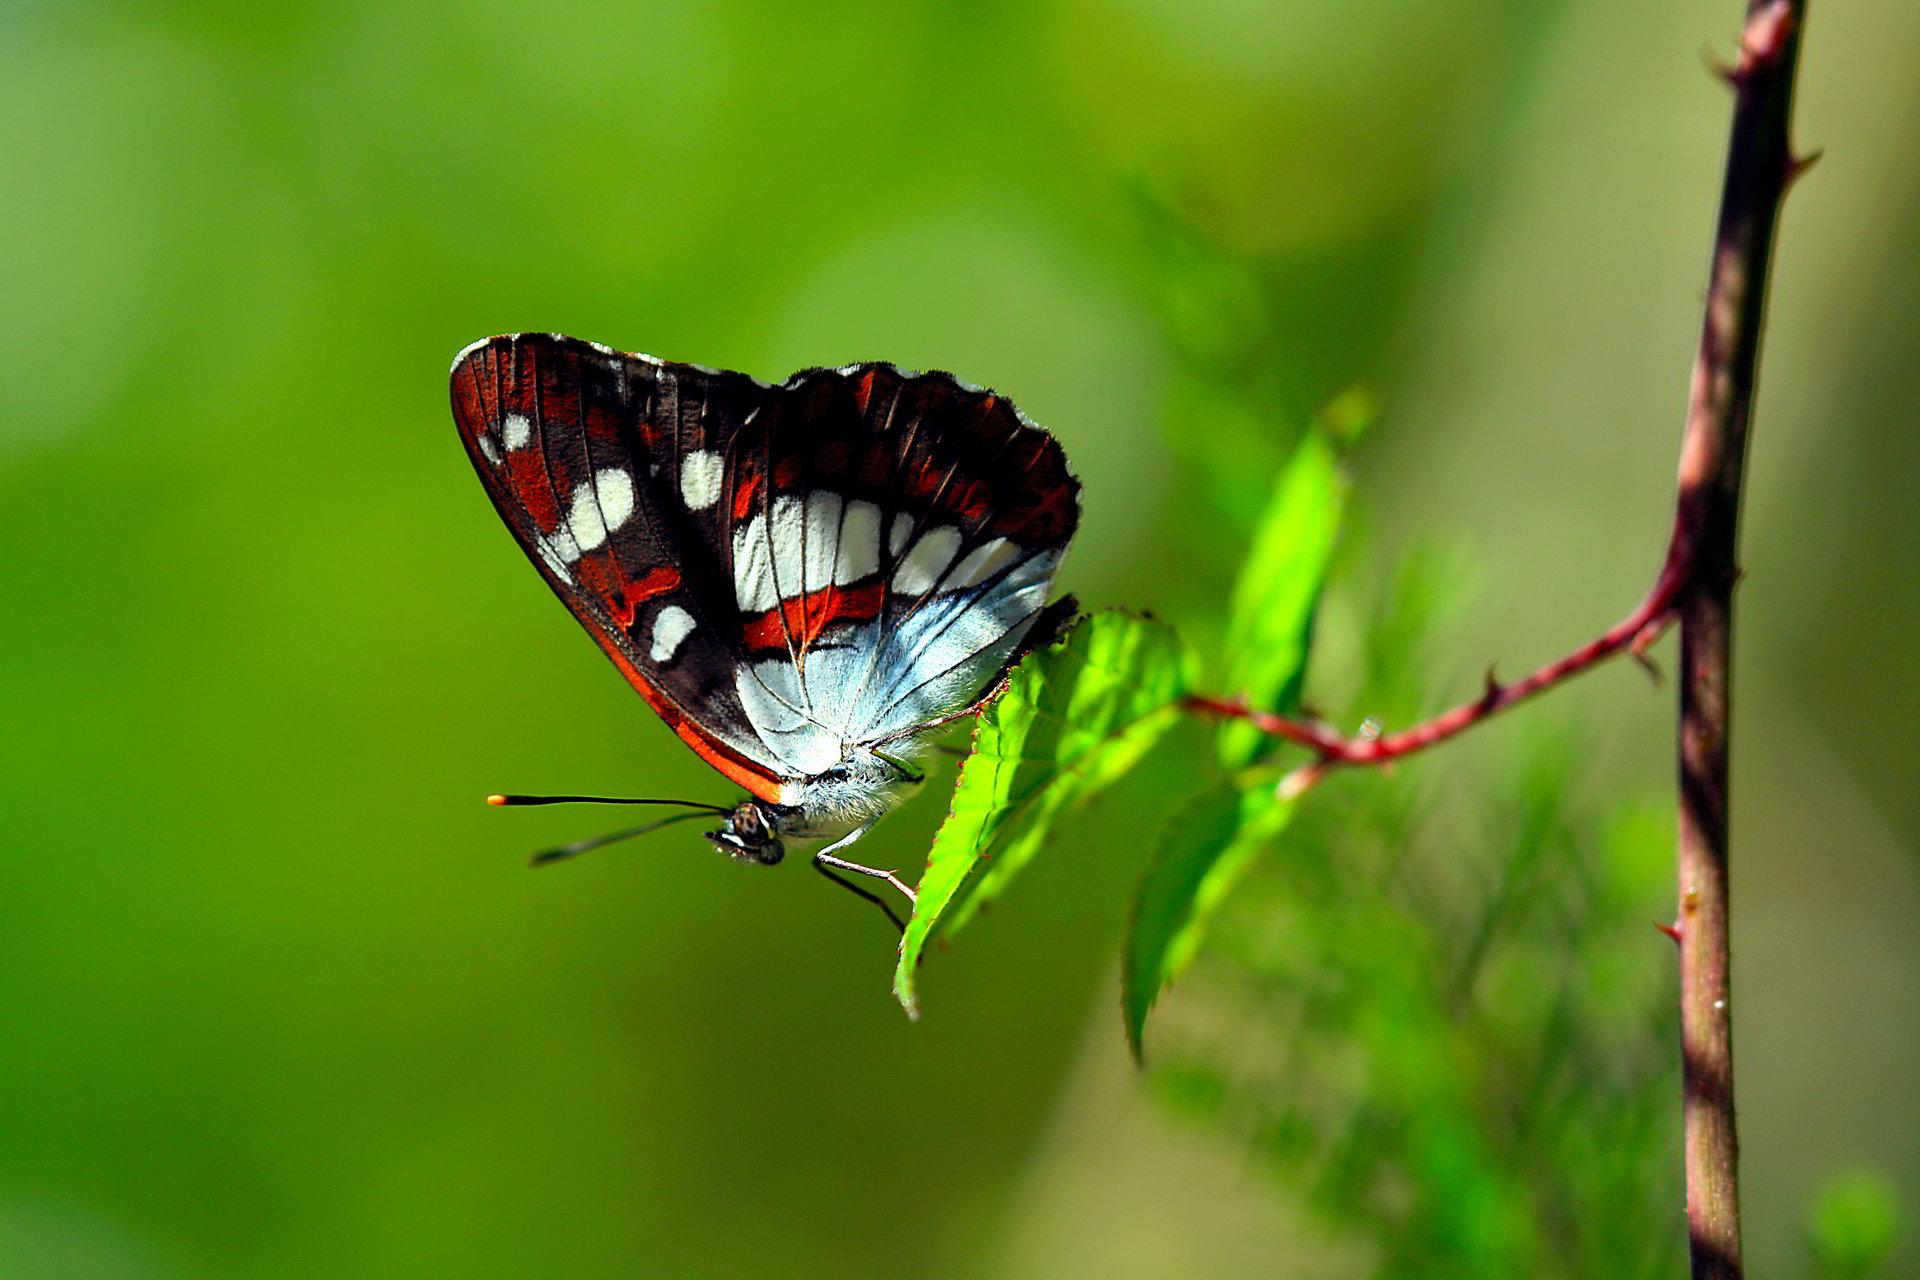 tải ảnh bướm đẹp về máy tính